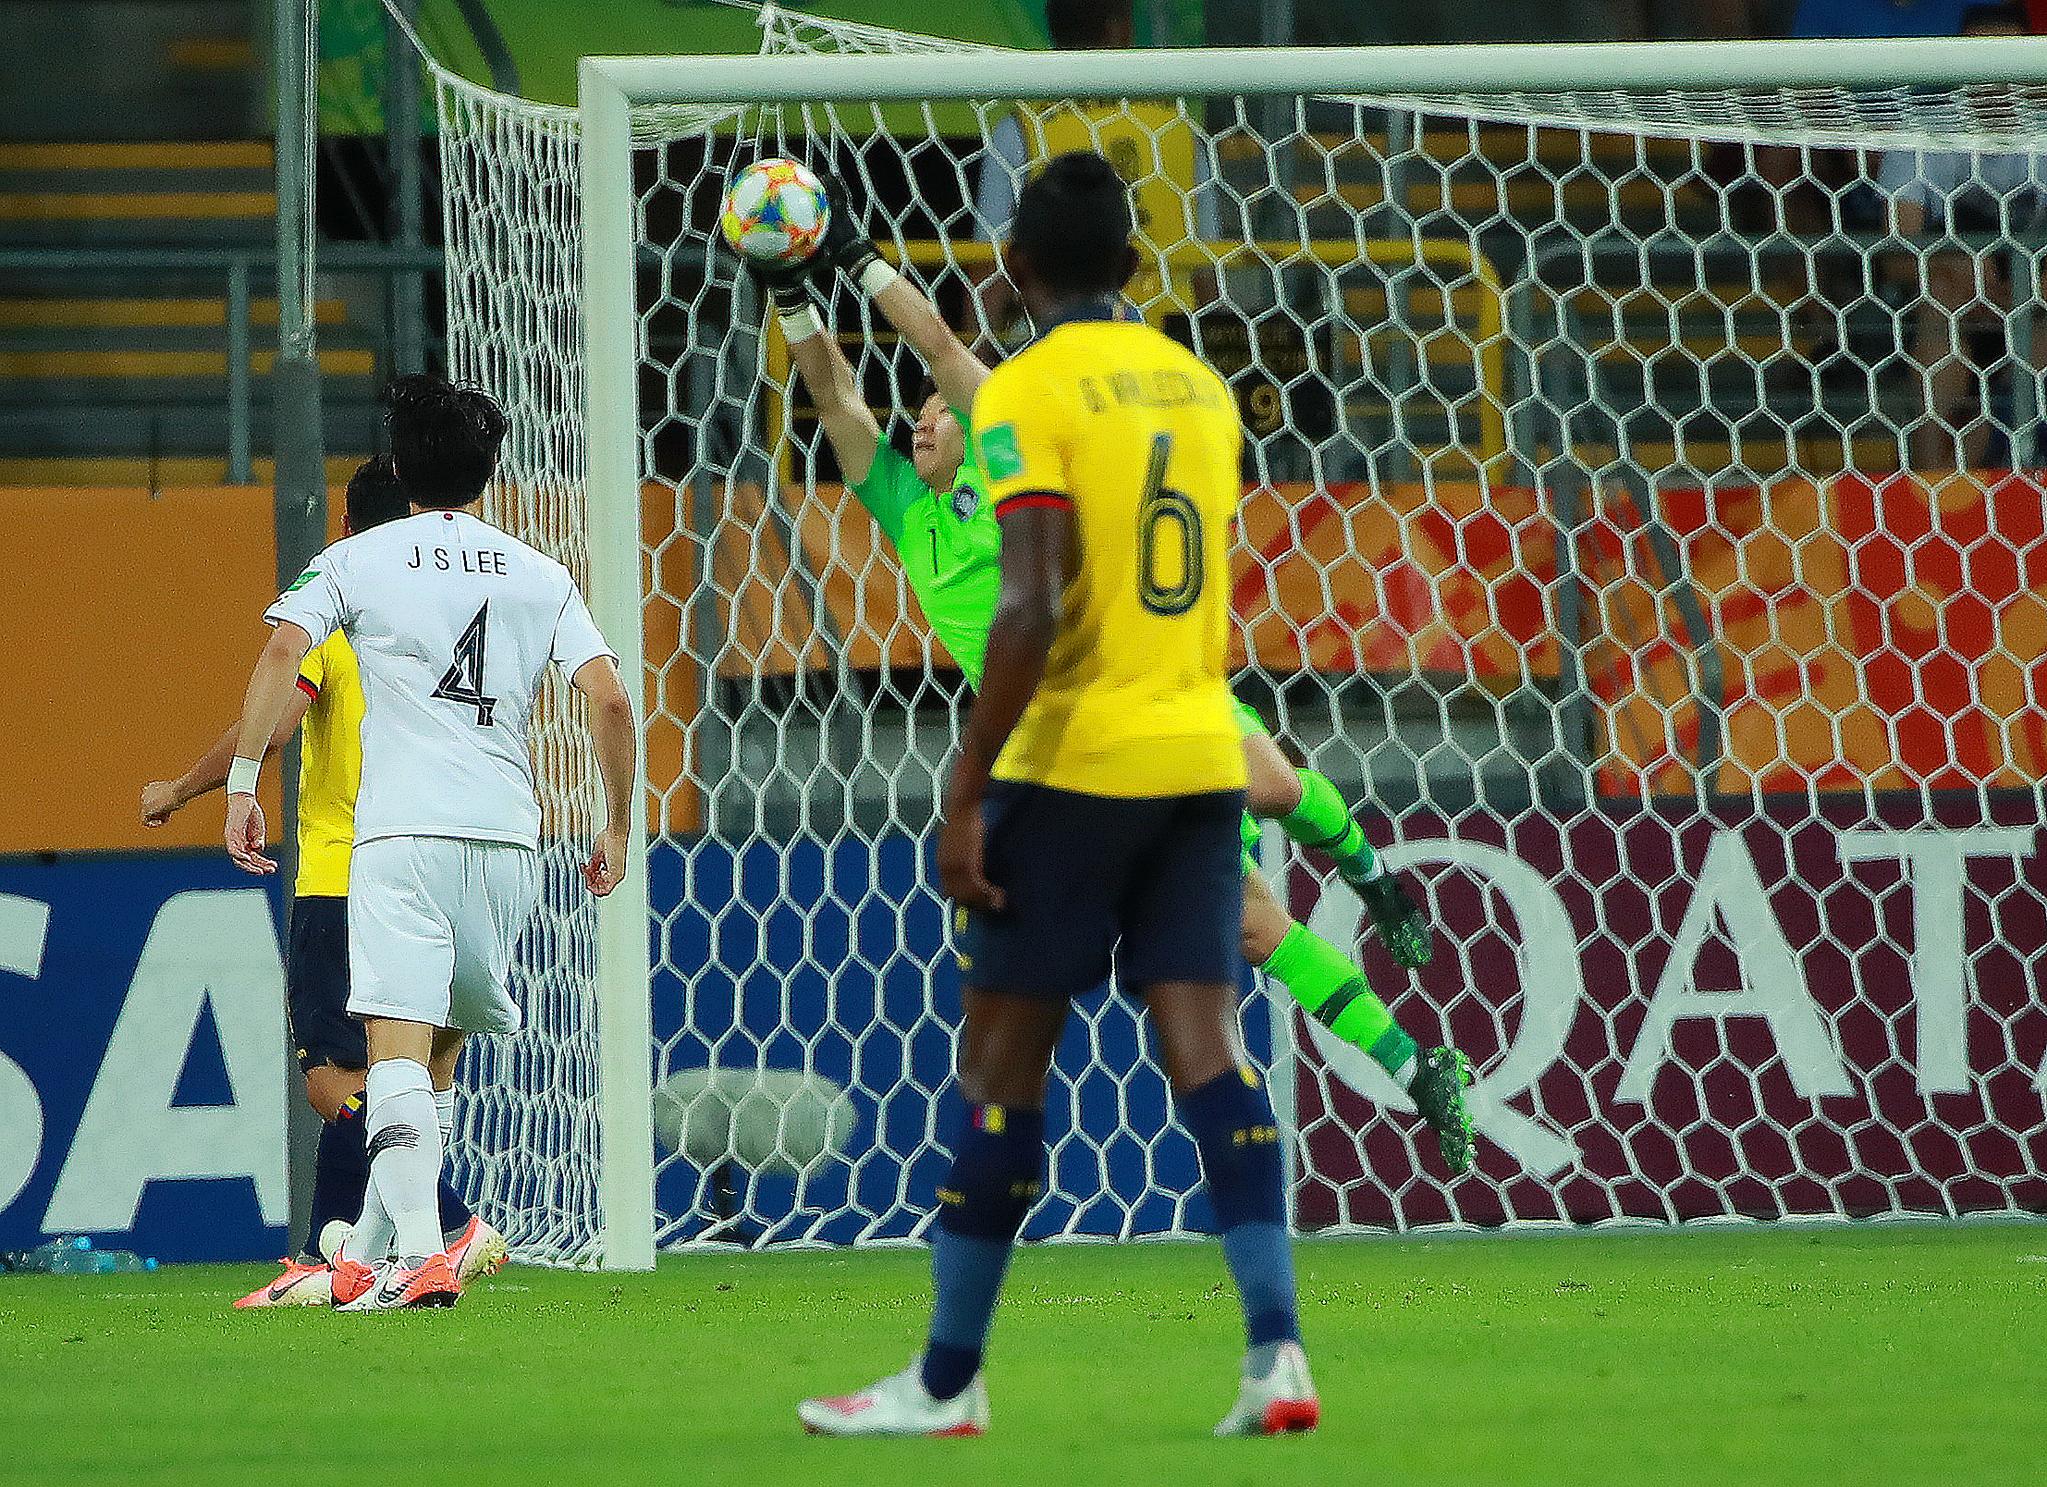 12일 U-20 월드컵 4강전 한국과 에콰도르의 경기.   후반 한국 이광연 골키퍼가 에콰도르의 공격을 선방하고 있다. [연합뉴]